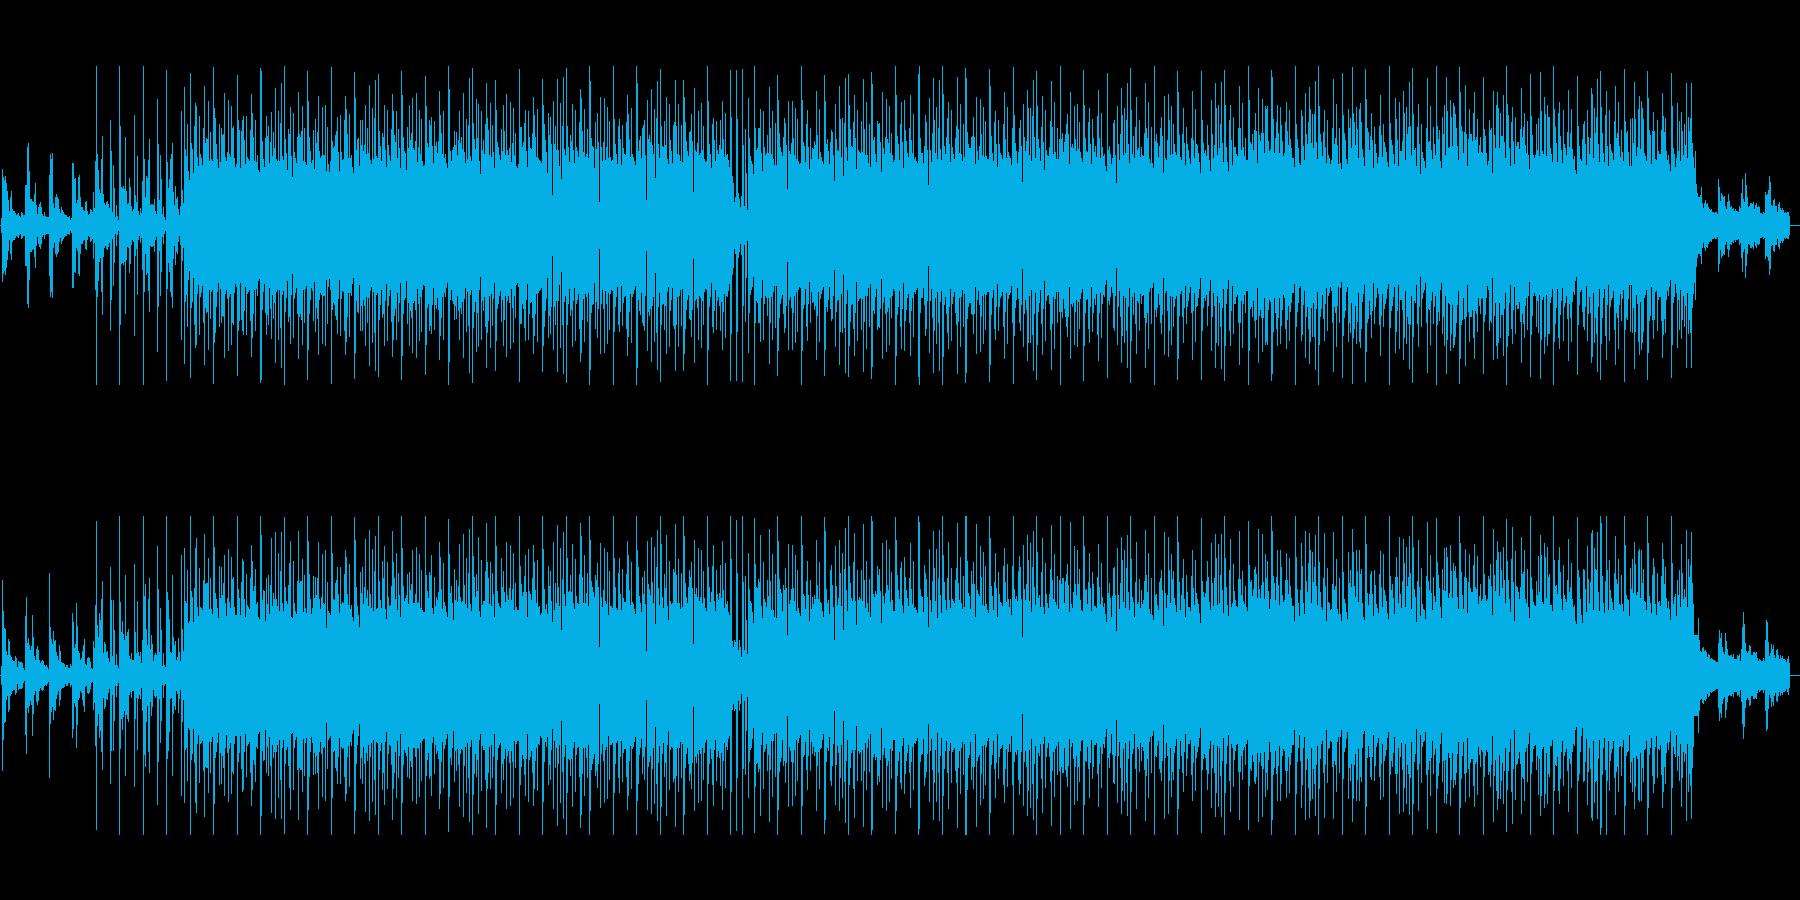 ギターが特徴的なヒップホップの再生済みの波形